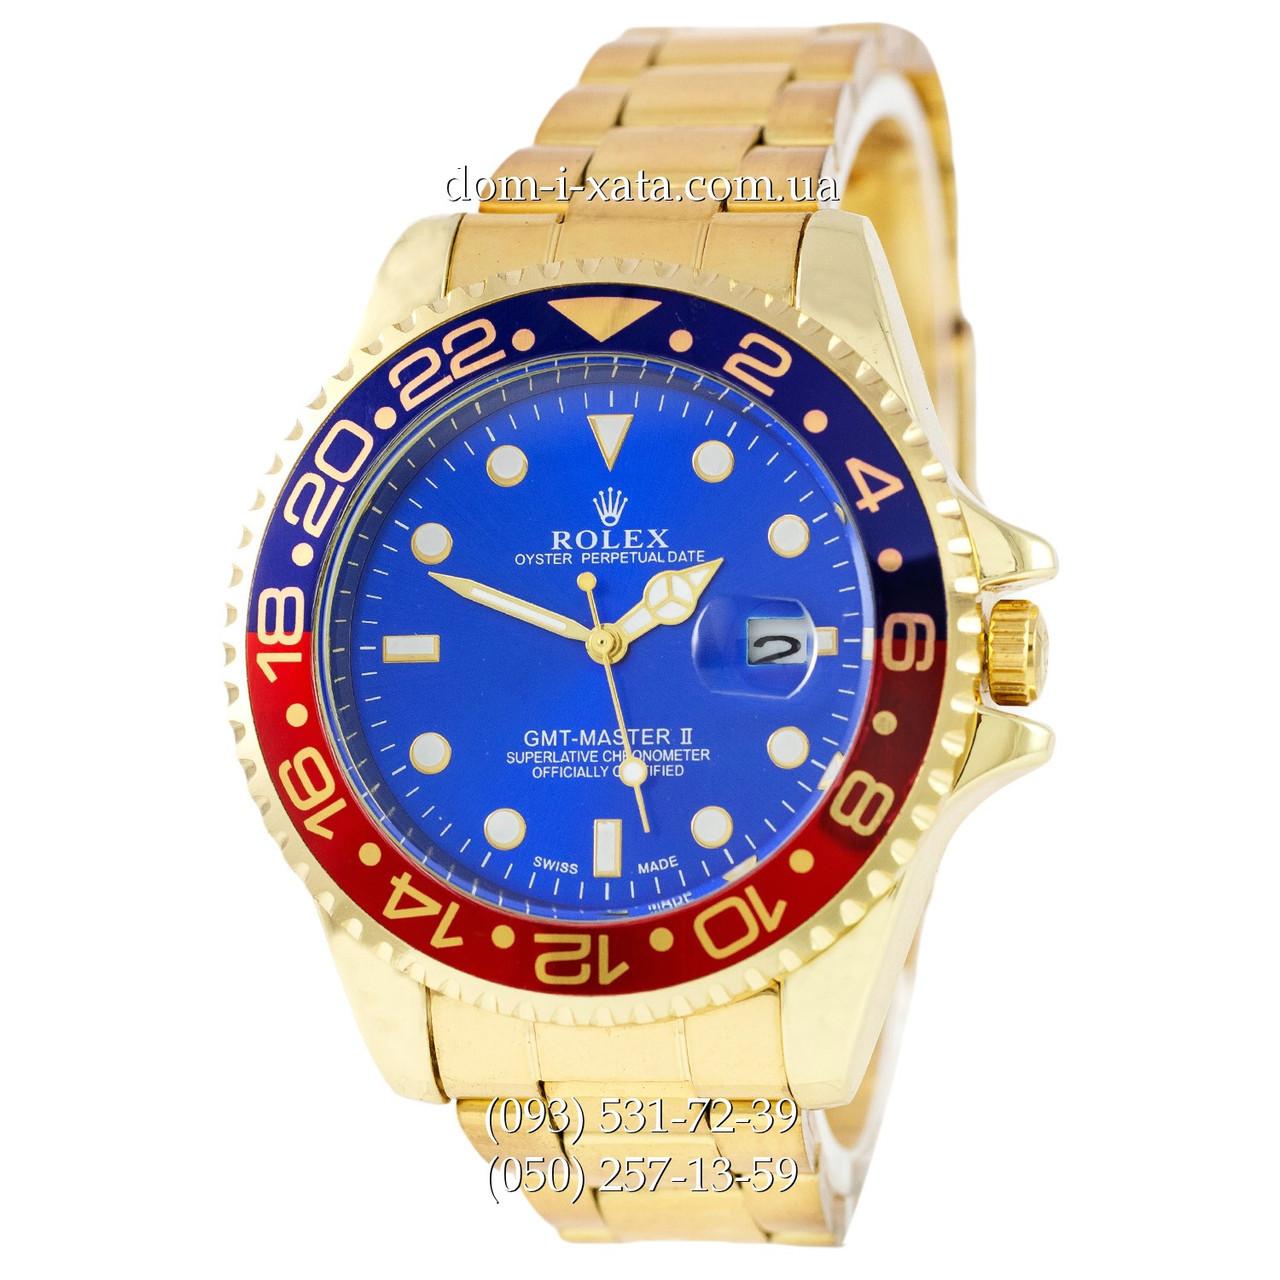 Мужские часы Rolex GMT-Master II Quarts Gold-Red-Blue, кварцевые часы Ролекс Мастер, реплика отличное качество!